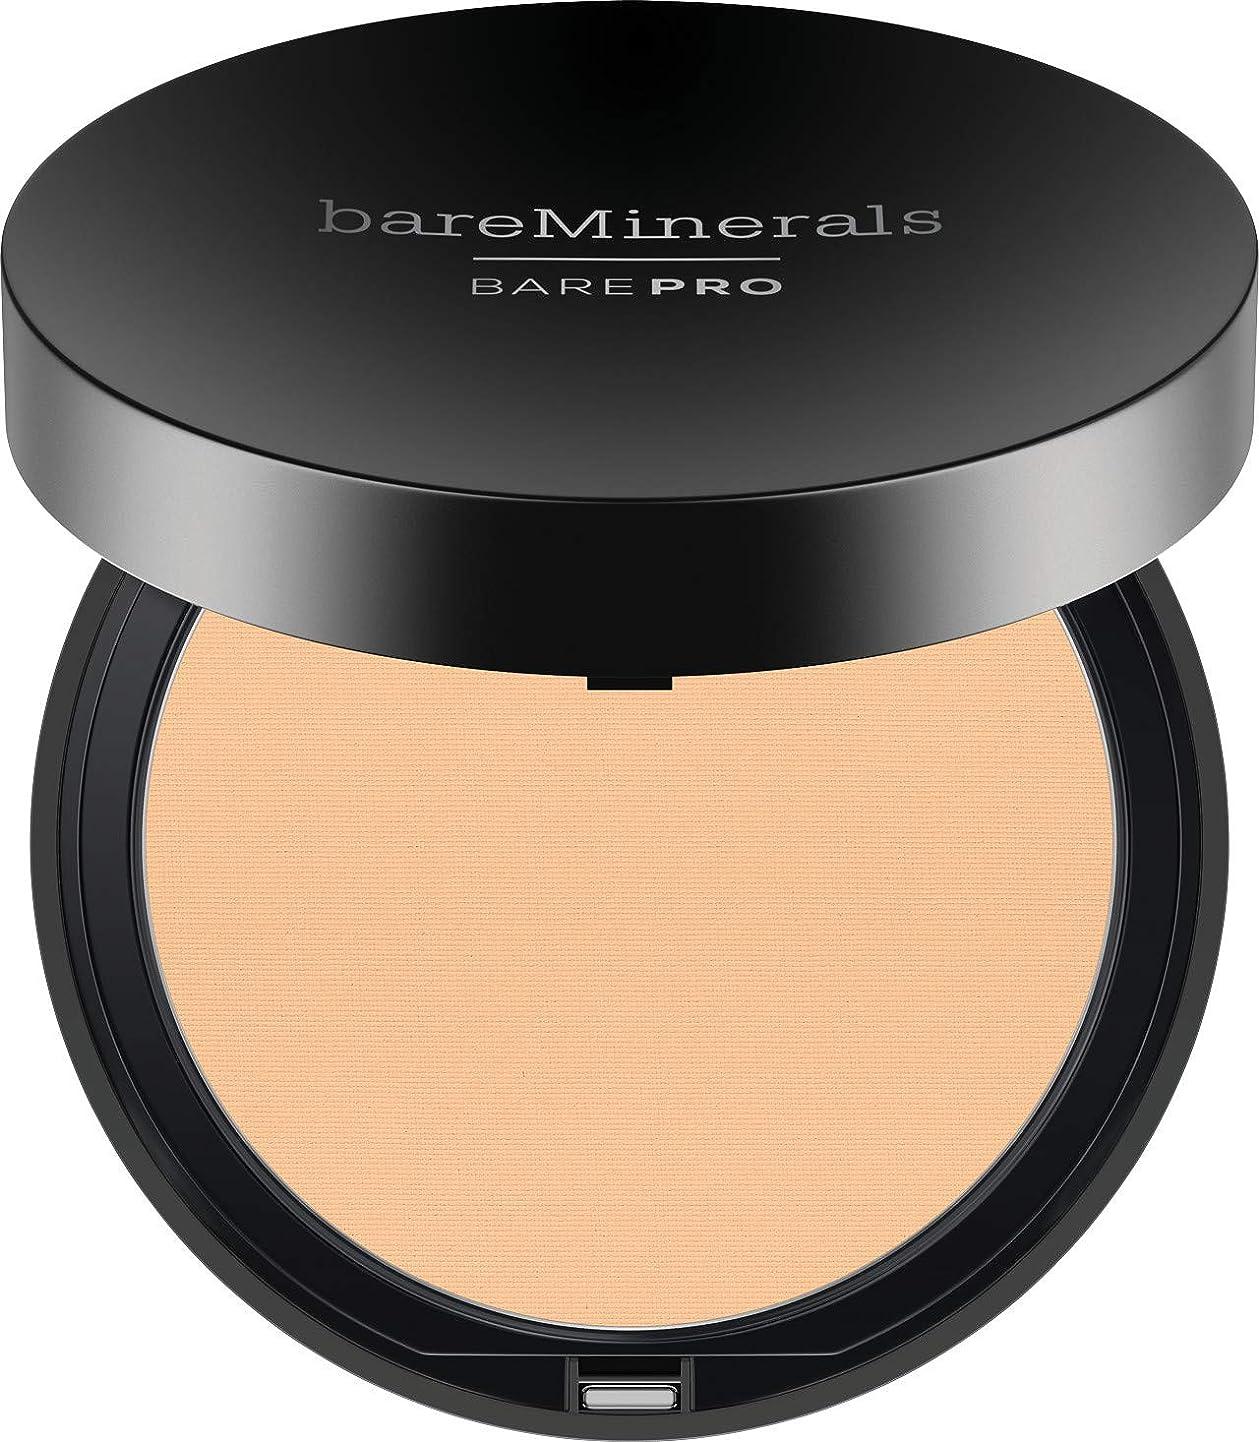 魅力的ひも逃すベアミネラル BarePro Performance Wear Powder Foundation - # 07 Warm Light 10g/0.34oz並行輸入品